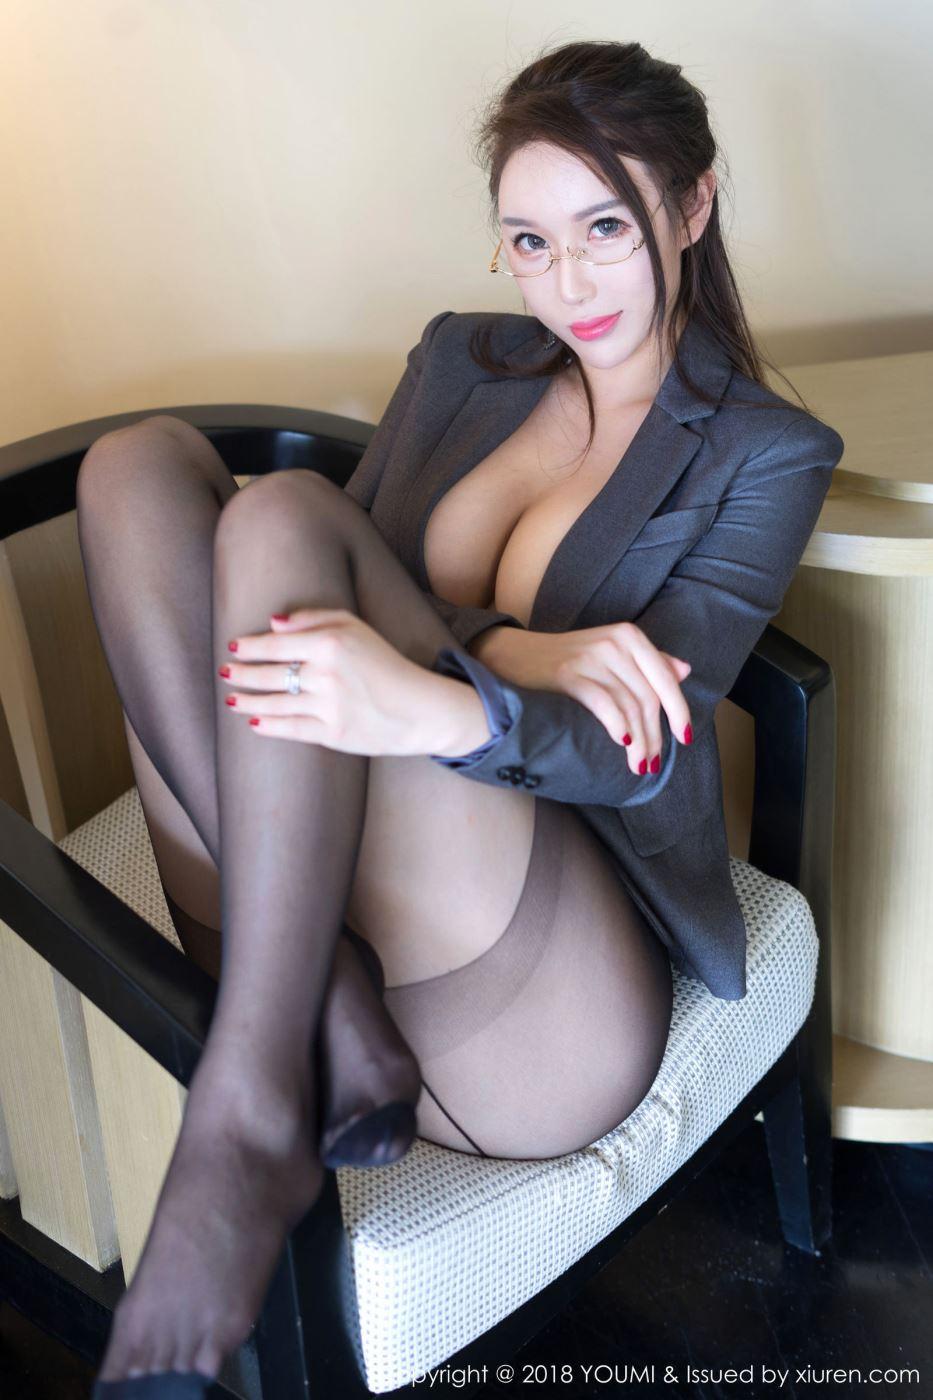 尤蜜荟性感女神尤妮丝秘书OL装眼镜娘黑丝诱惑裸足福利写真